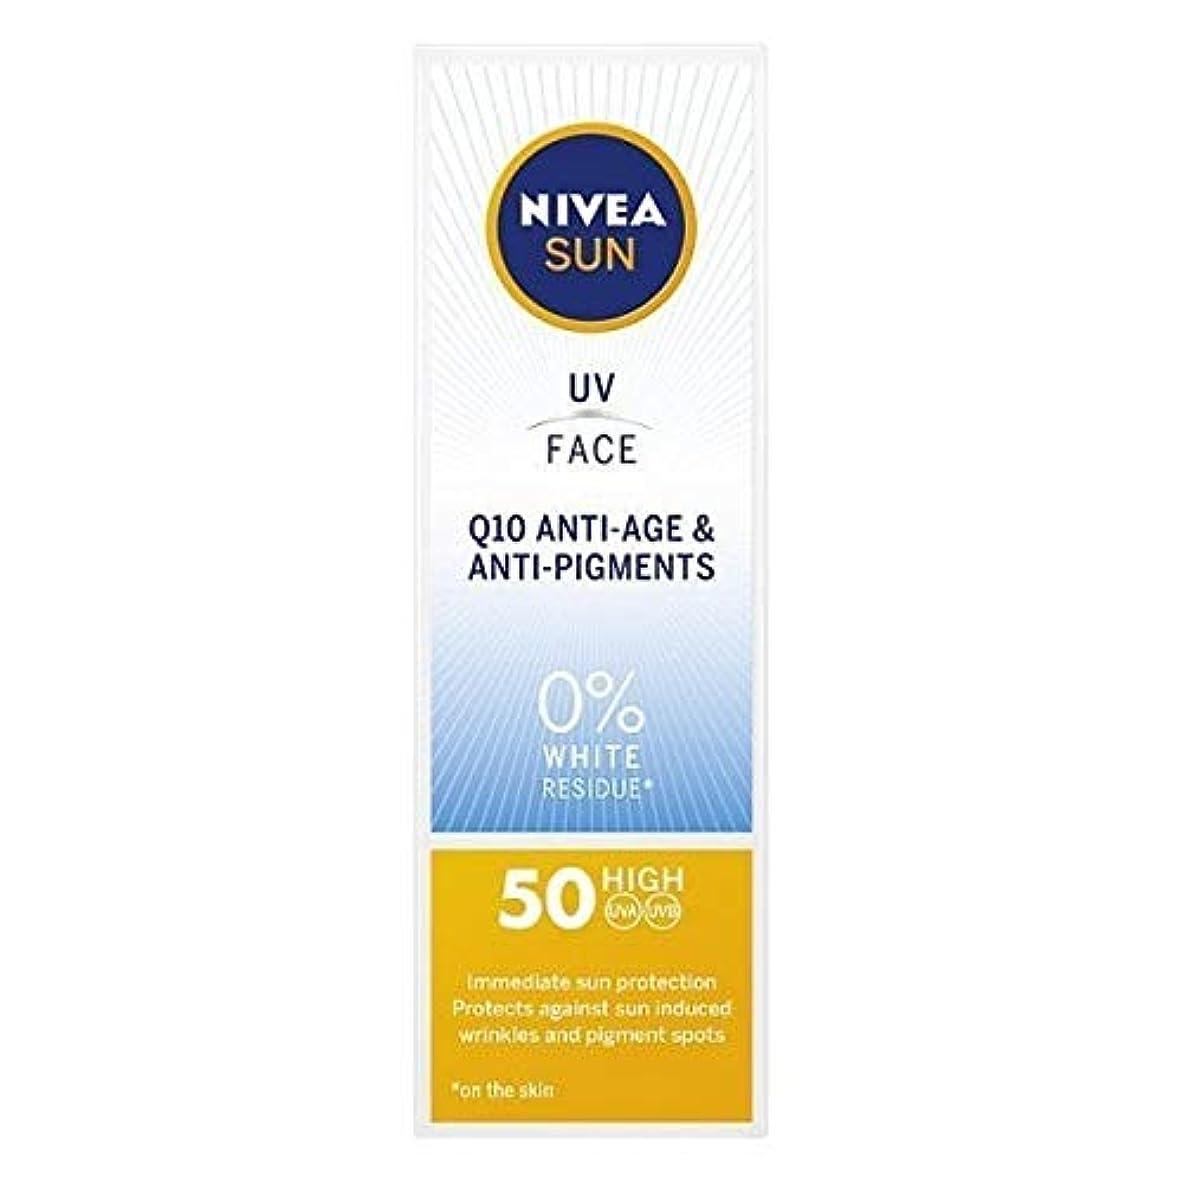 大胆ウォルターカニンガムアーク[Nivea ] ニベアサンUvフェイスSpf 50 Q10抗加齢&抗顔料50ミリリットル - NIVEA SUN UV Face SPF 50 Q10 Anti-Age & Anti-Pigments 50ml [並行輸入品]